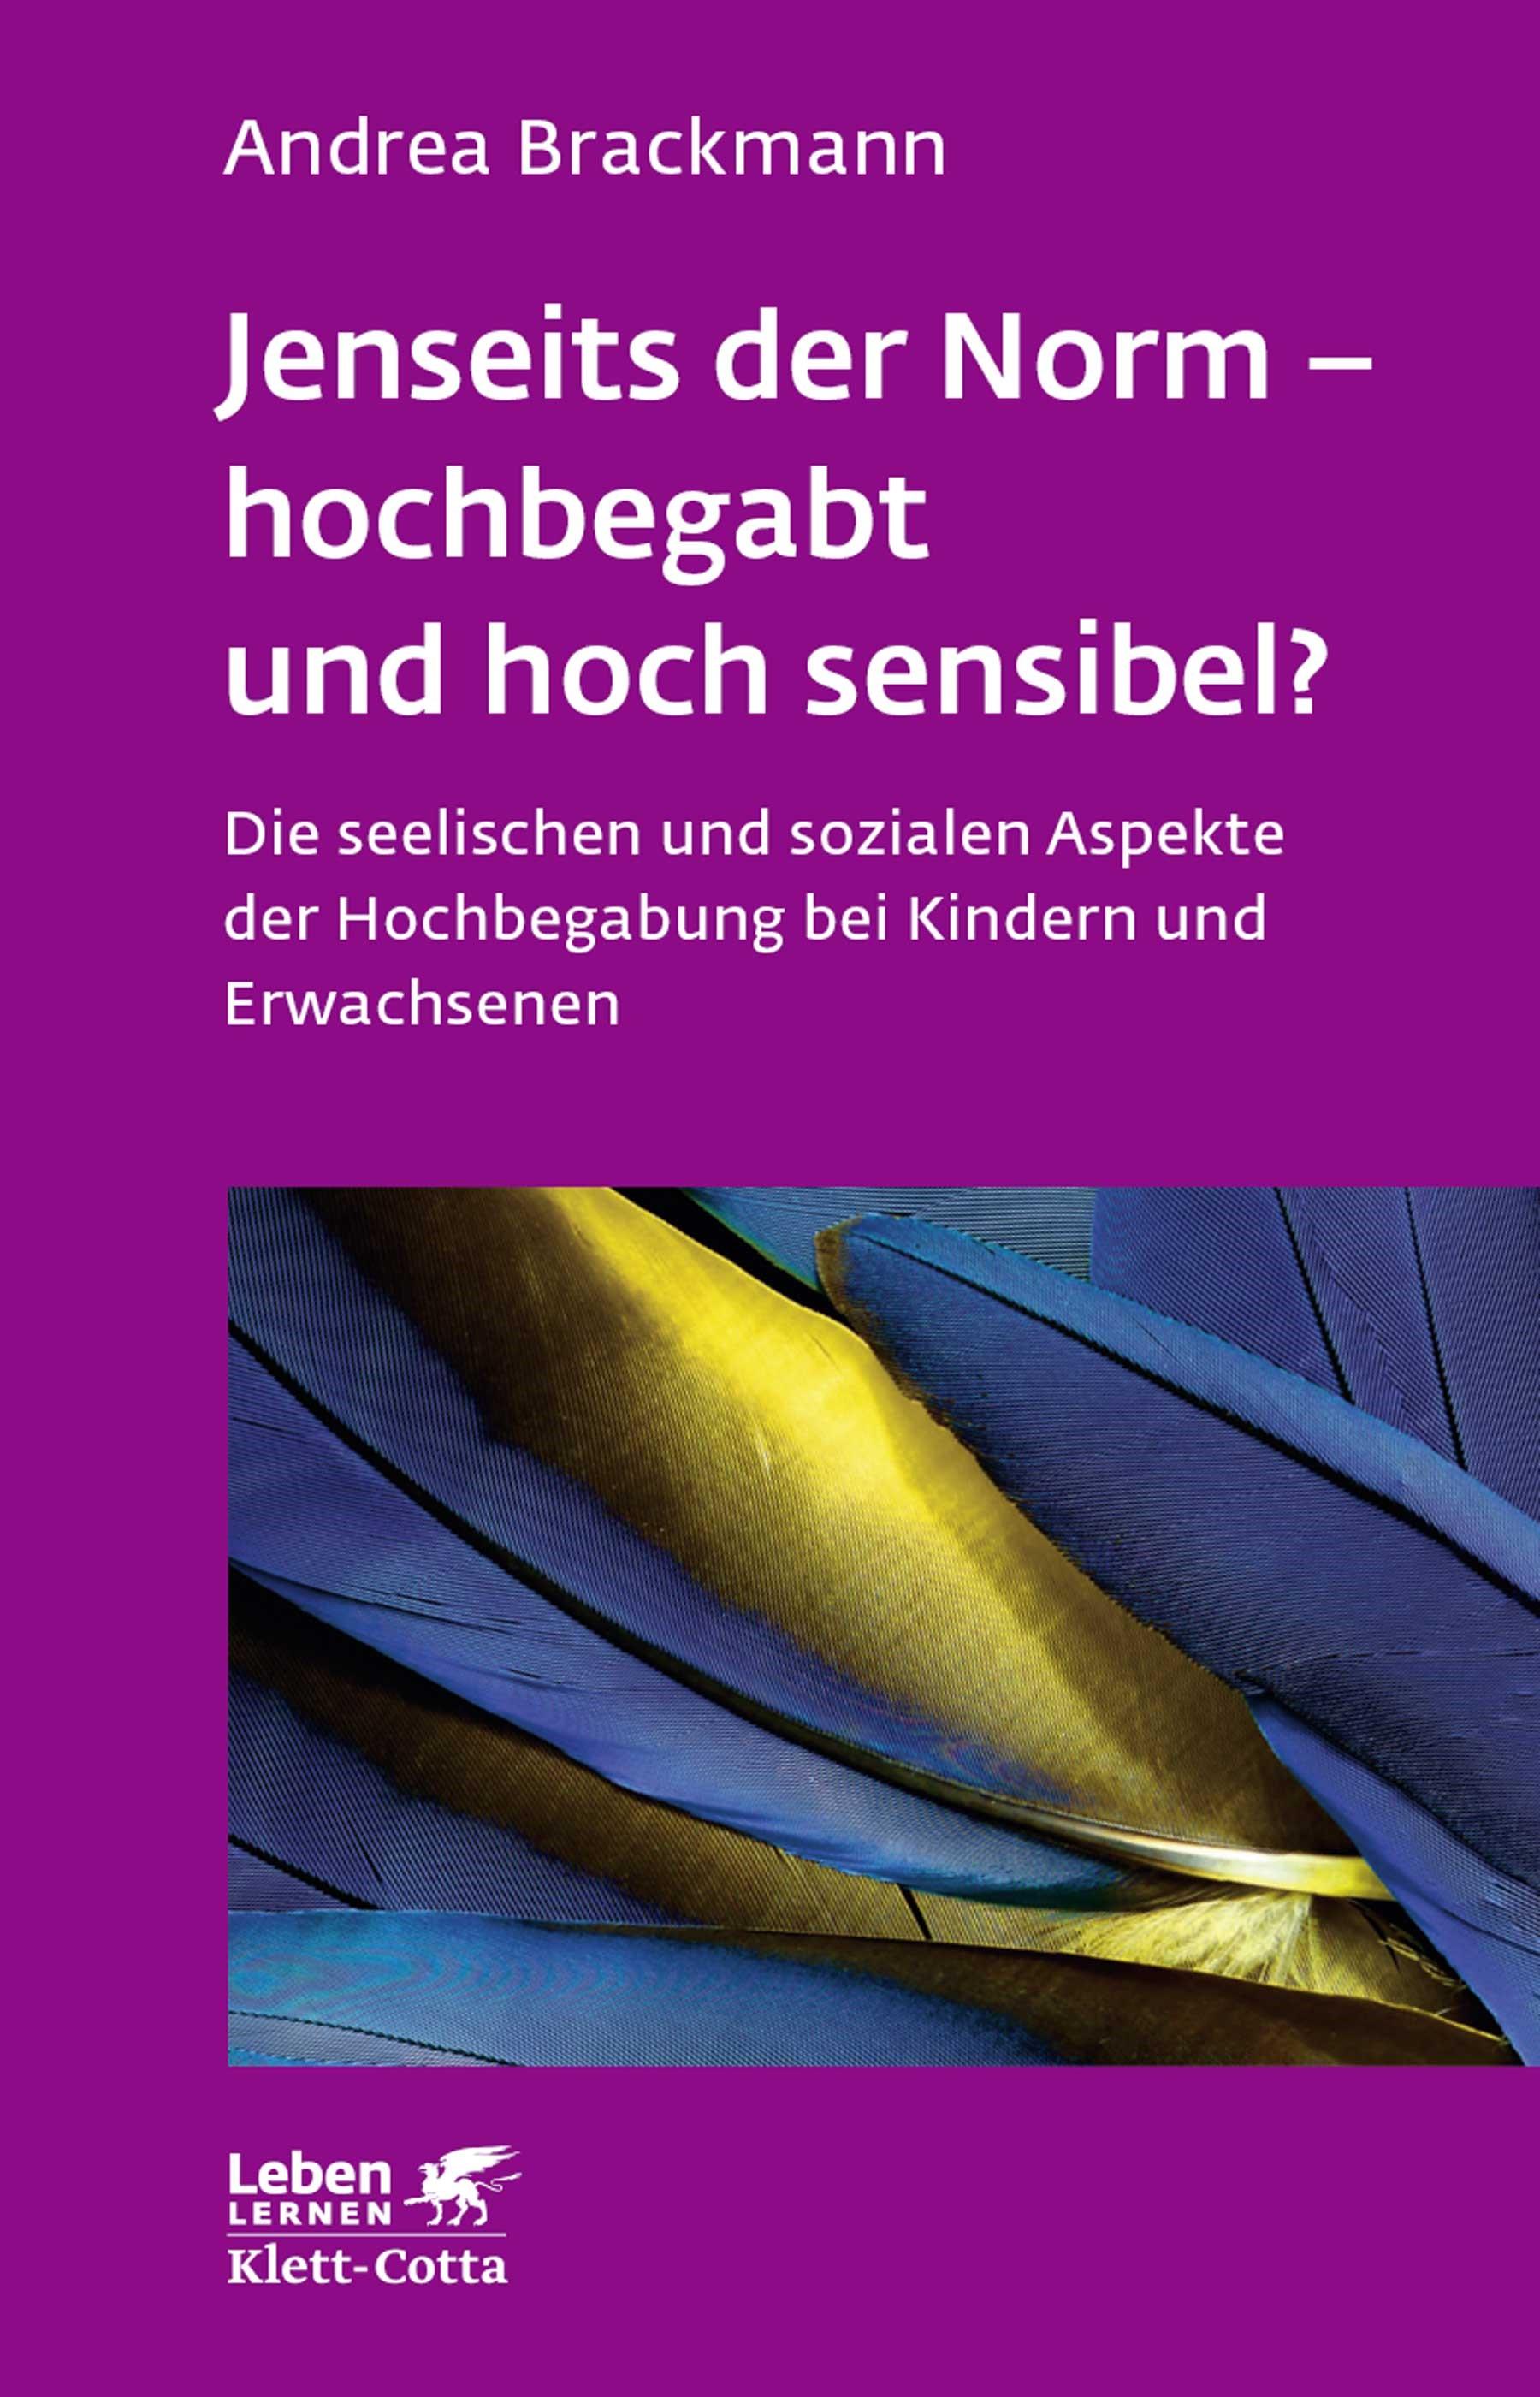 Jenseits der Norm - hochbegabt und hoch sensibel? | Brackmann | 9. Druckaufl, 2017 | Buch (Cover)